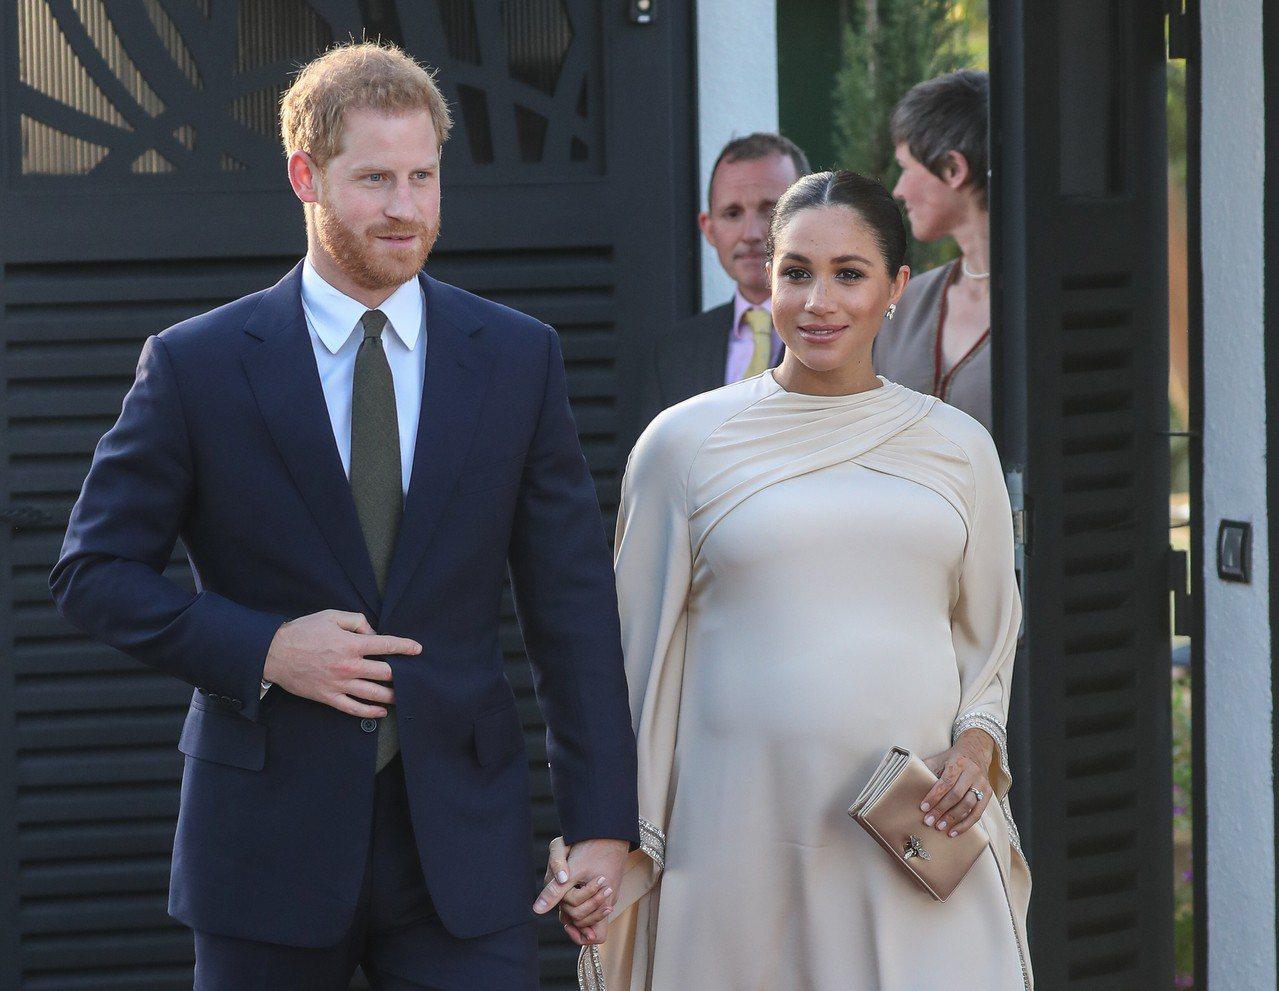 哈利王子與梅根馬克爾預計在5月初迎接新生兒。圖/達志影像